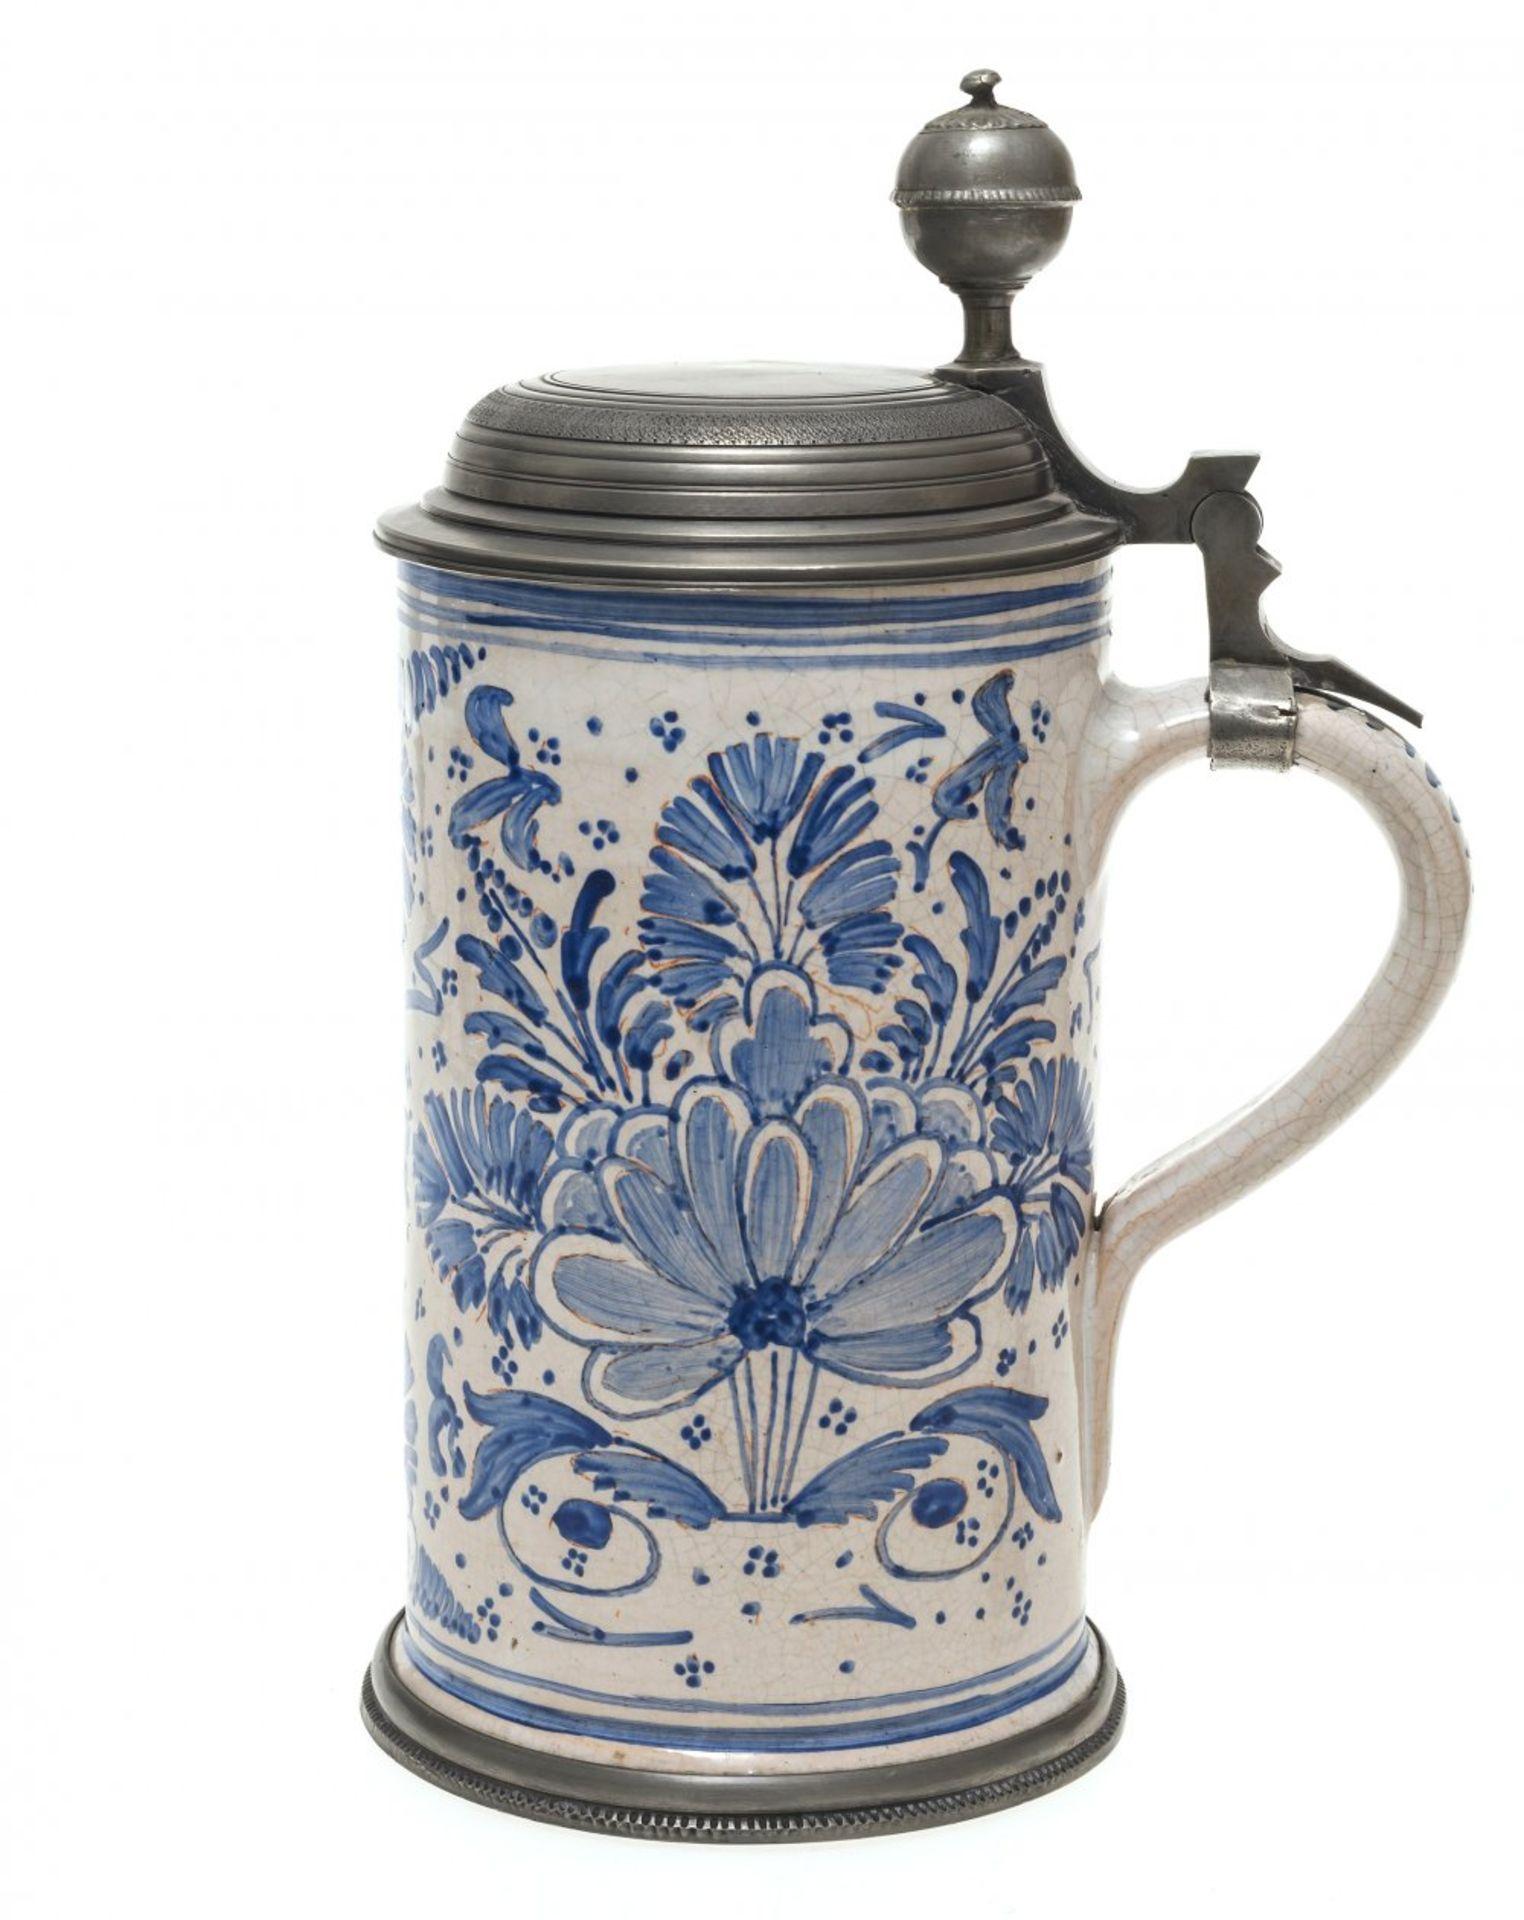 Los 20 - WalzenkrugDeutsch, 19. Jh. Fayence, Zinndeckel. Blaumalerei auf weißem Fond. Stilisierter